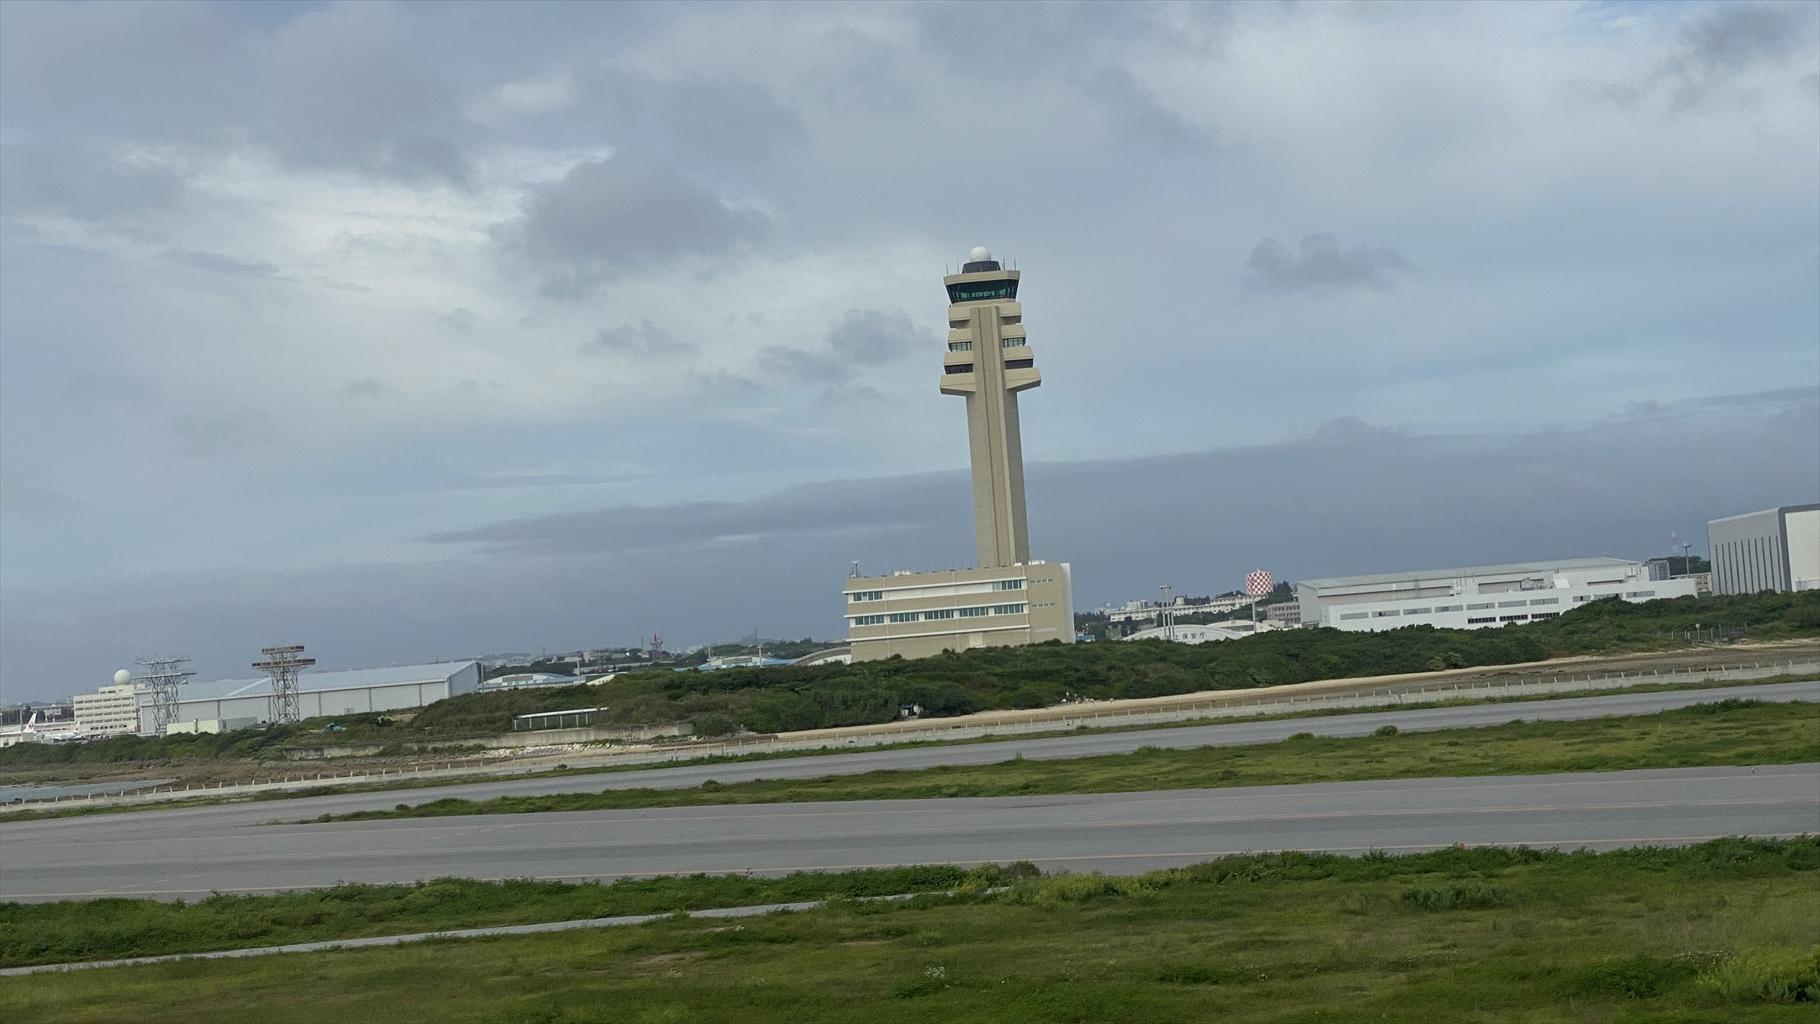 エアバスA350-900型機 JL919 沖縄(那覇)~羽田 ファーストクラス 搭乗記 01JUN21